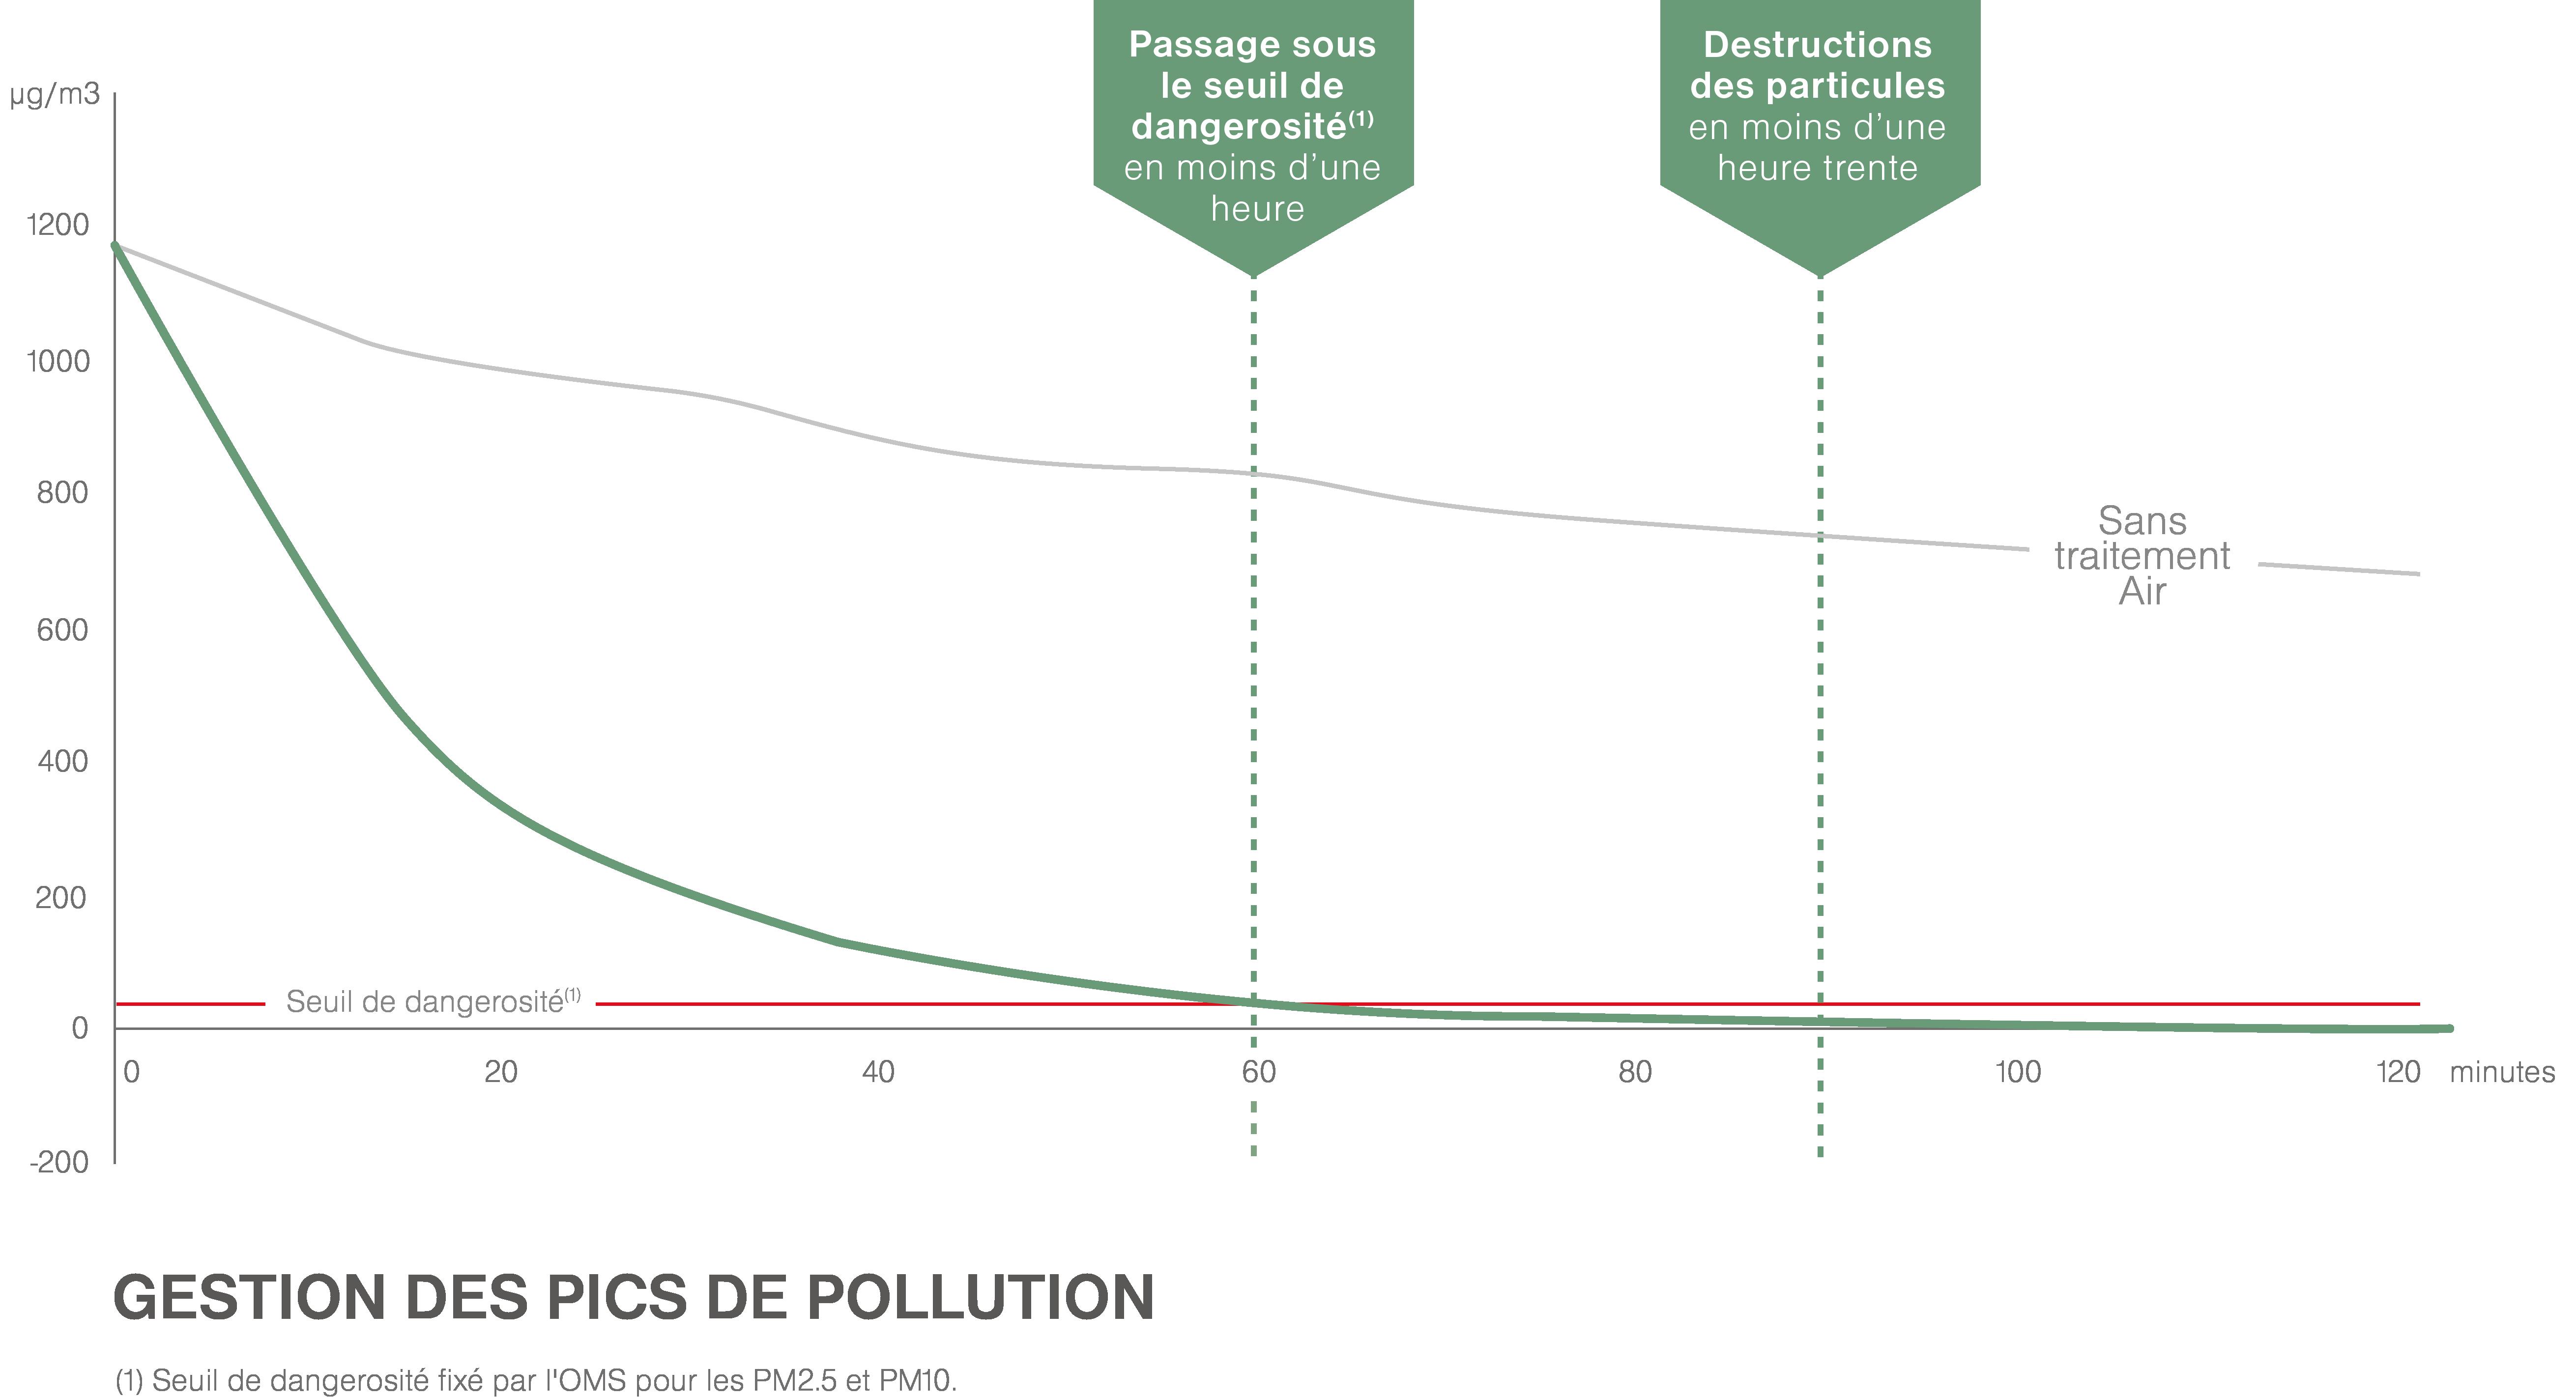 Efficacité Pollution purificateur d'air professionnel JVD